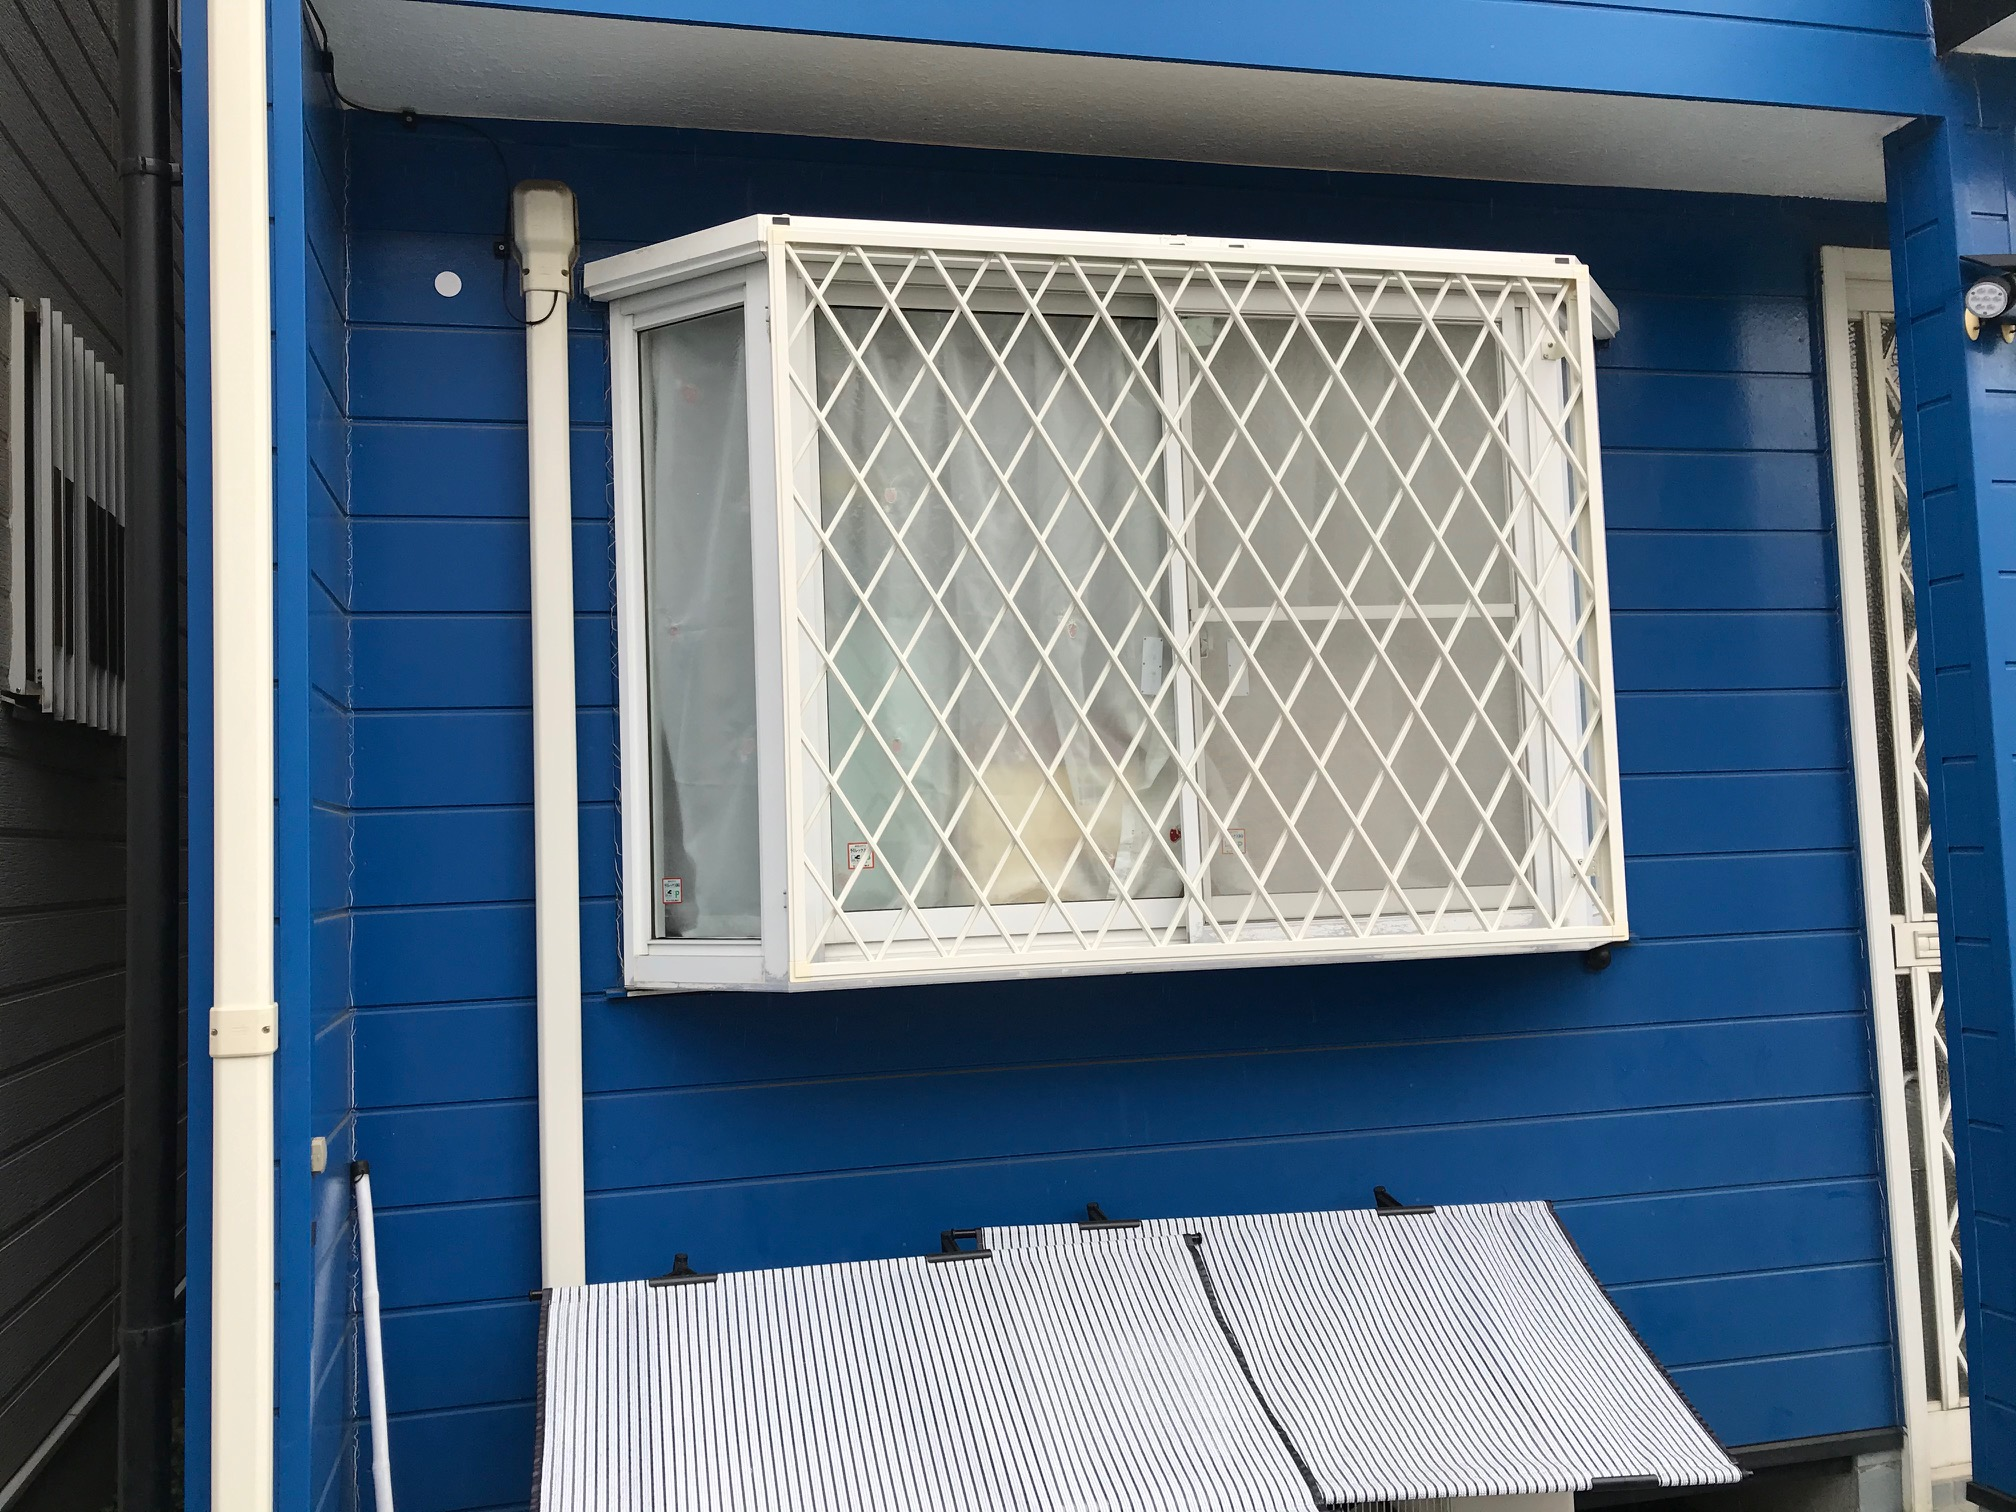 人通りの少ない場所にある窓は危険!!泥棒の侵入を防…